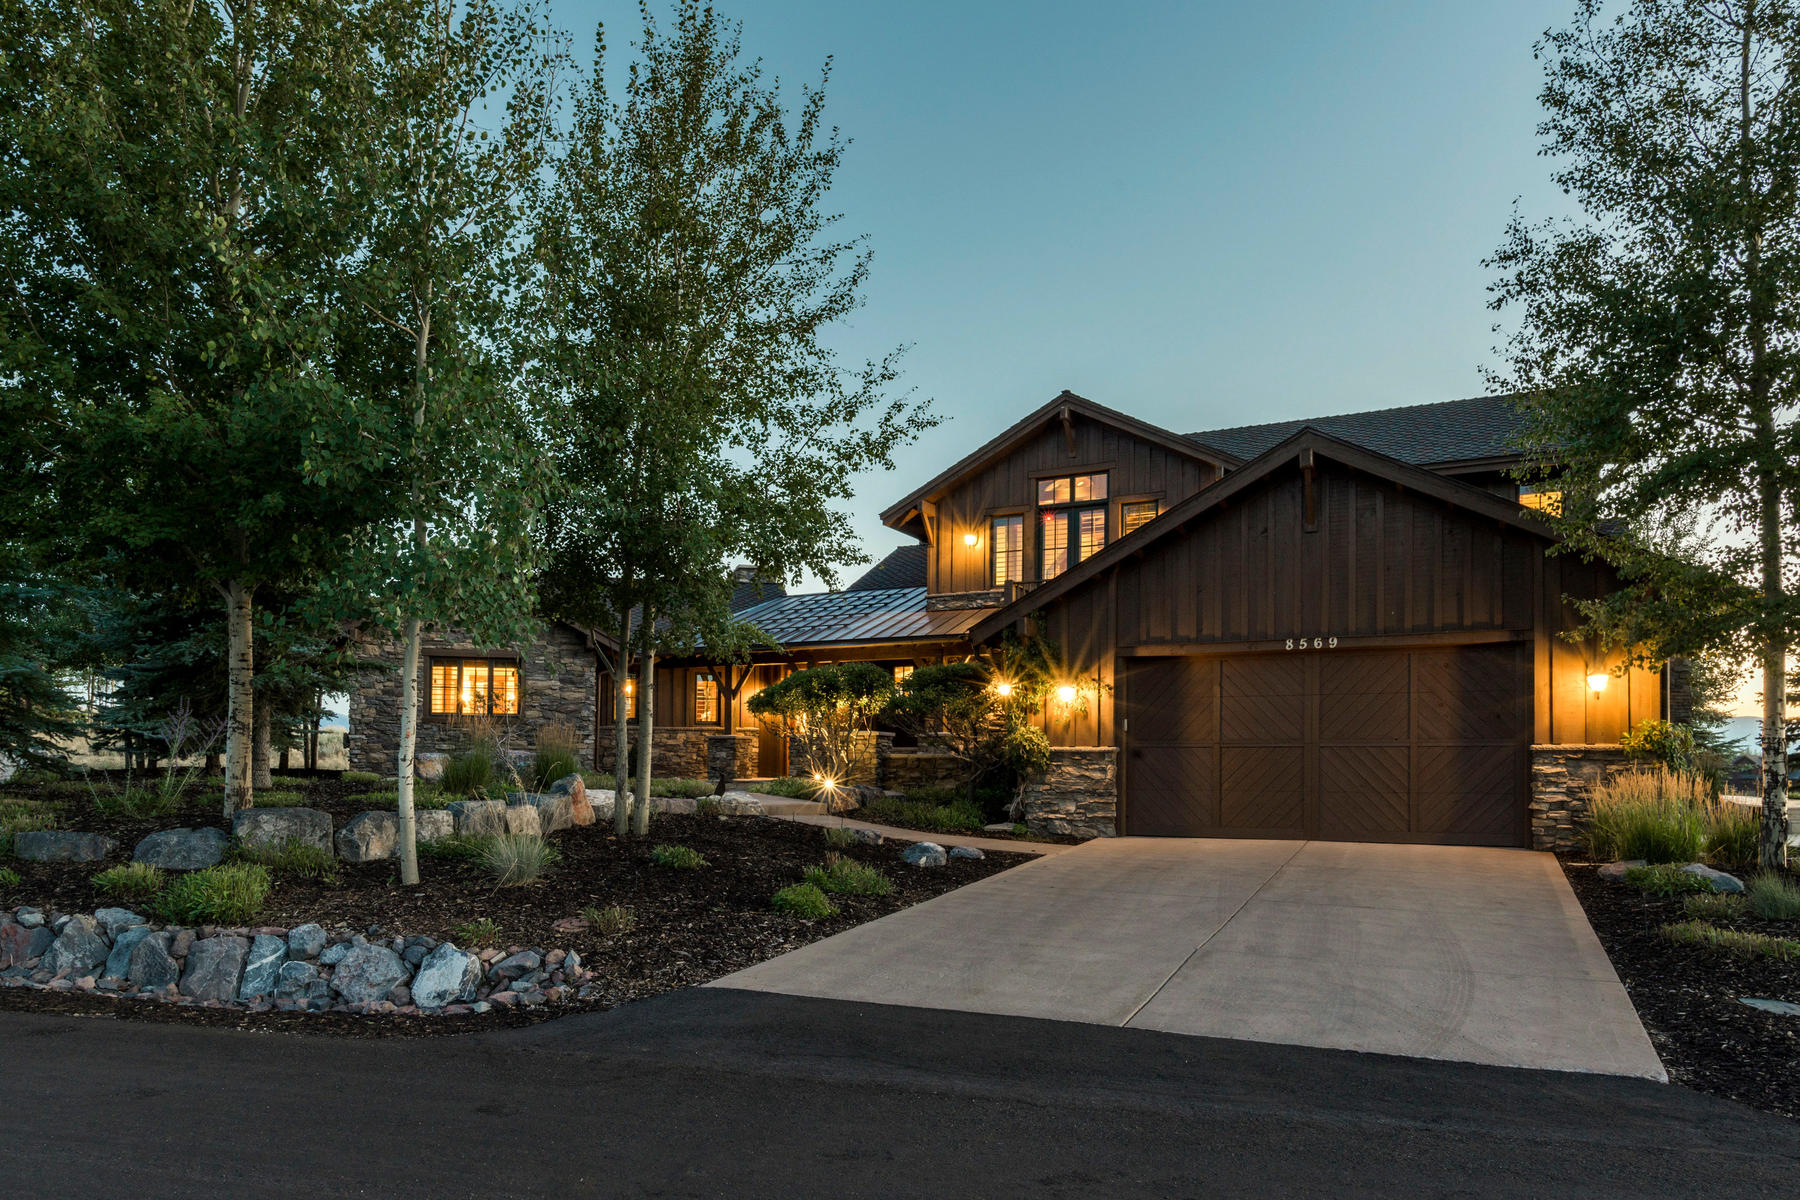 Villa per Vendita alle ore Gorgeous Modified Remington Golf Club Cabin on 9th Fairway 8569 Ranch Club Ct Park City, Utah, 84098 Stati Uniti